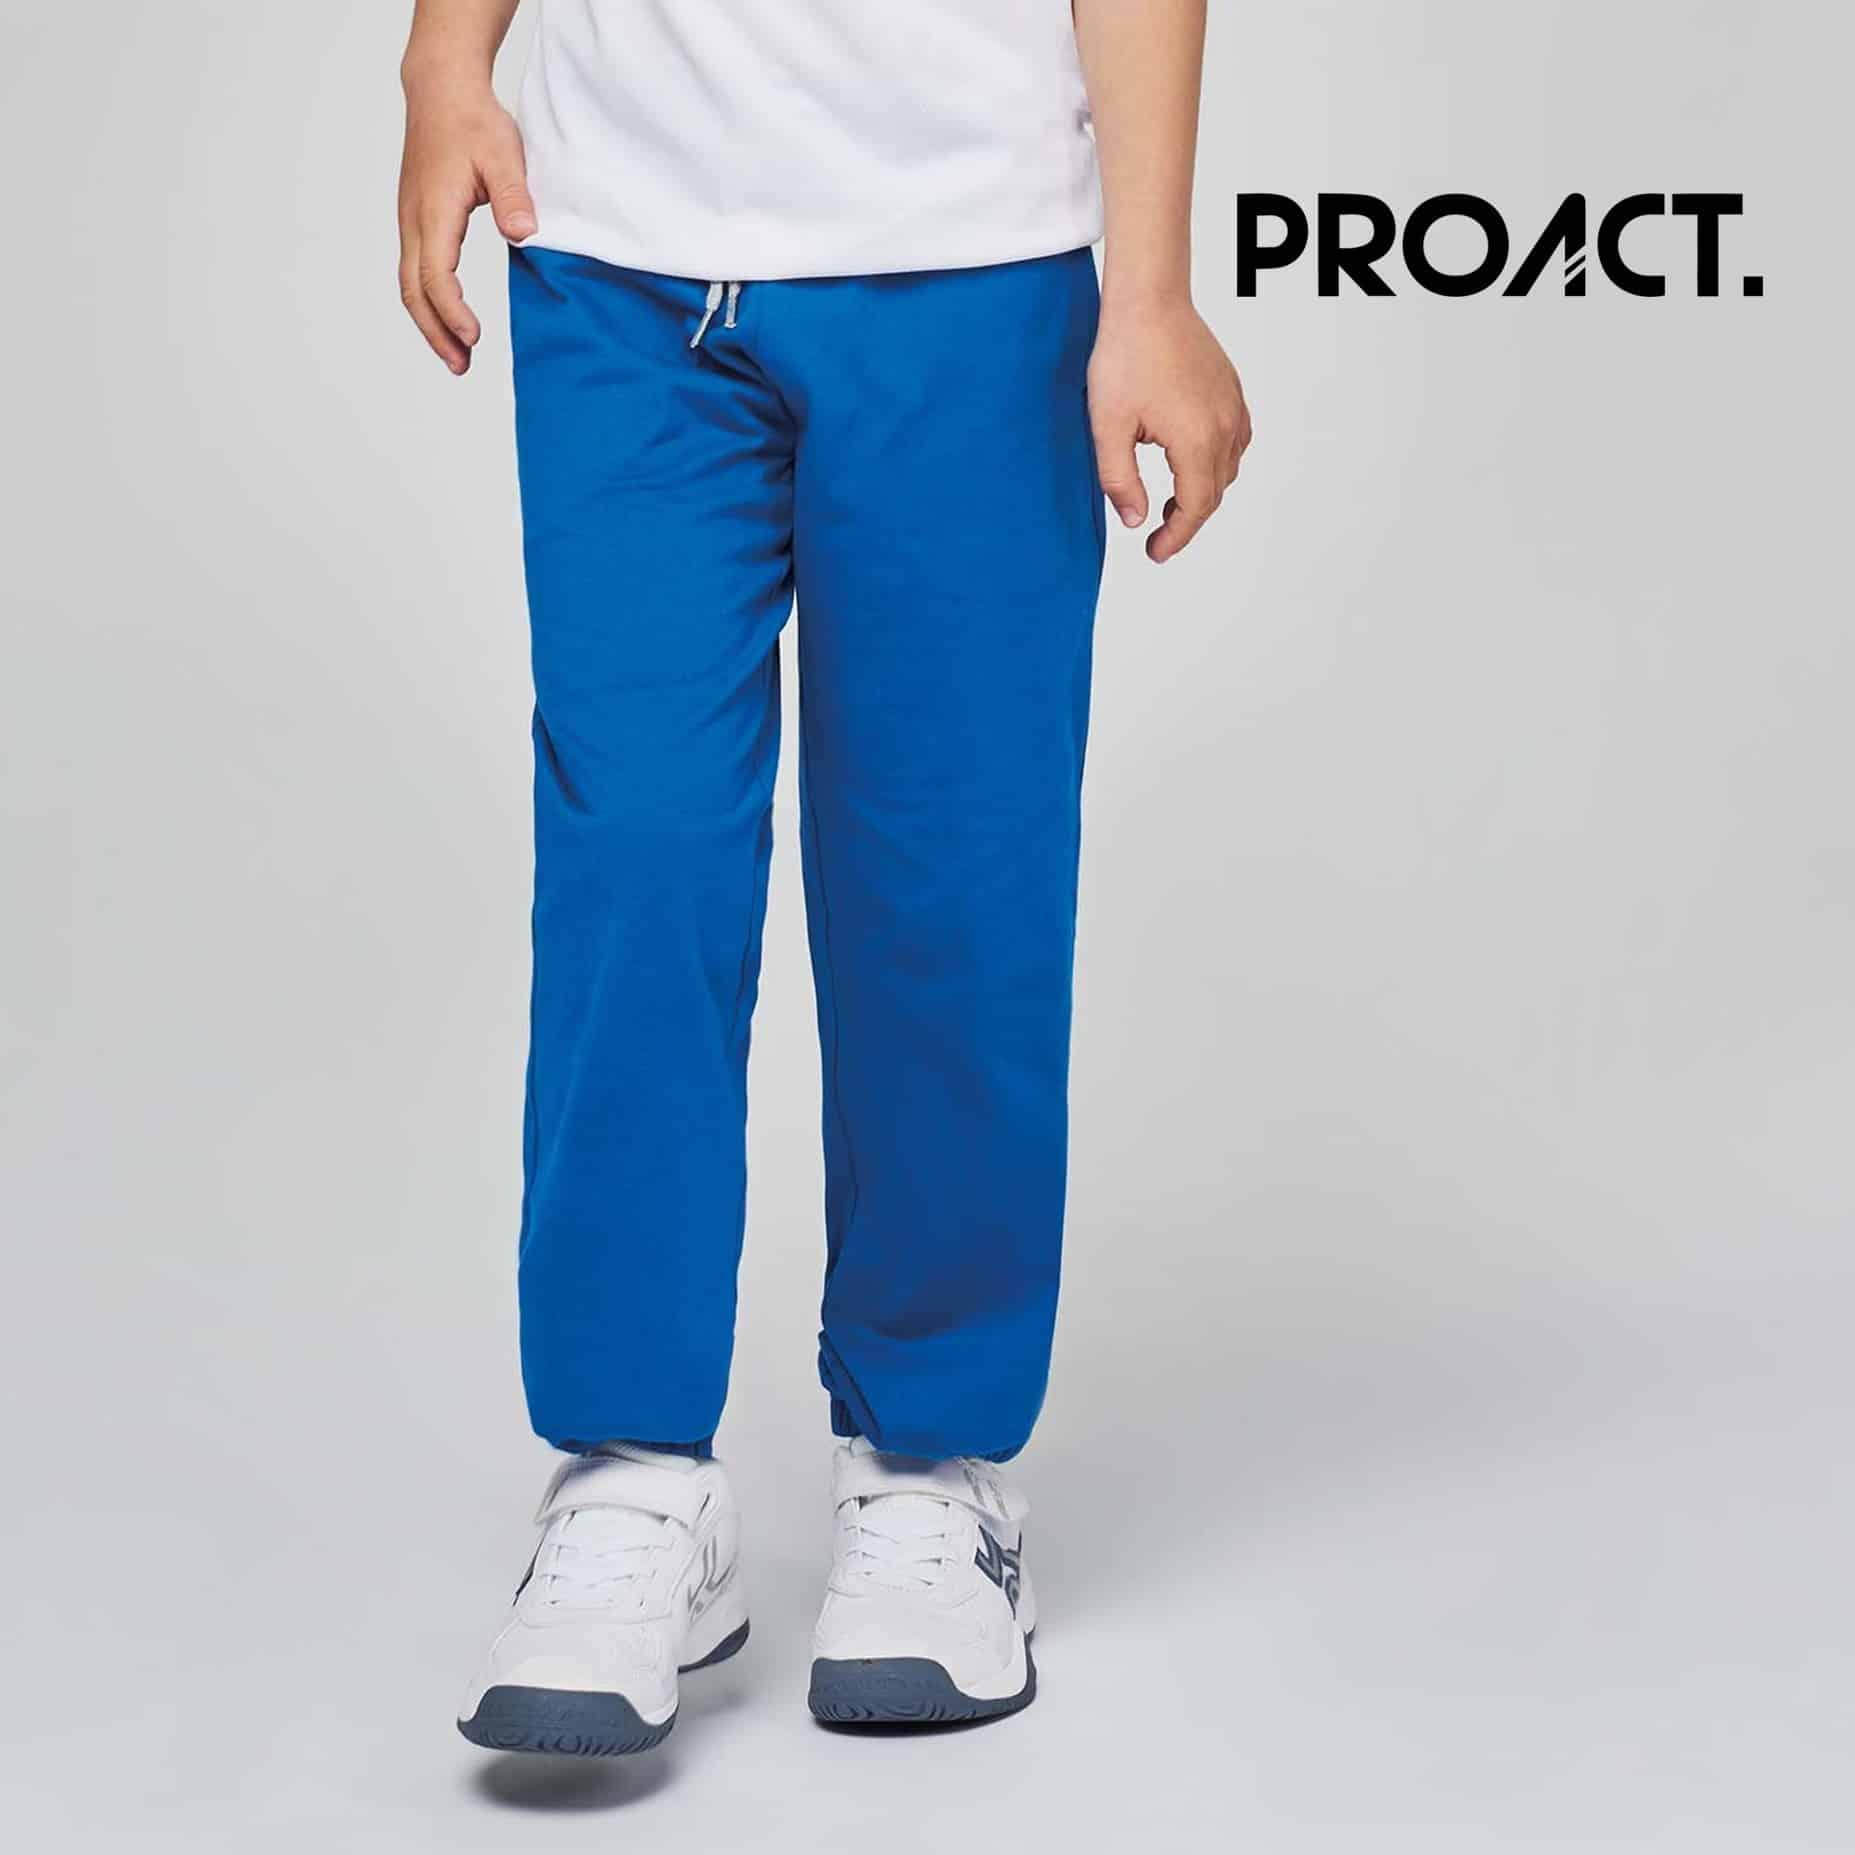 Bambino con tuta blu 100% cotone con due tasche laterali e una tasca dietro